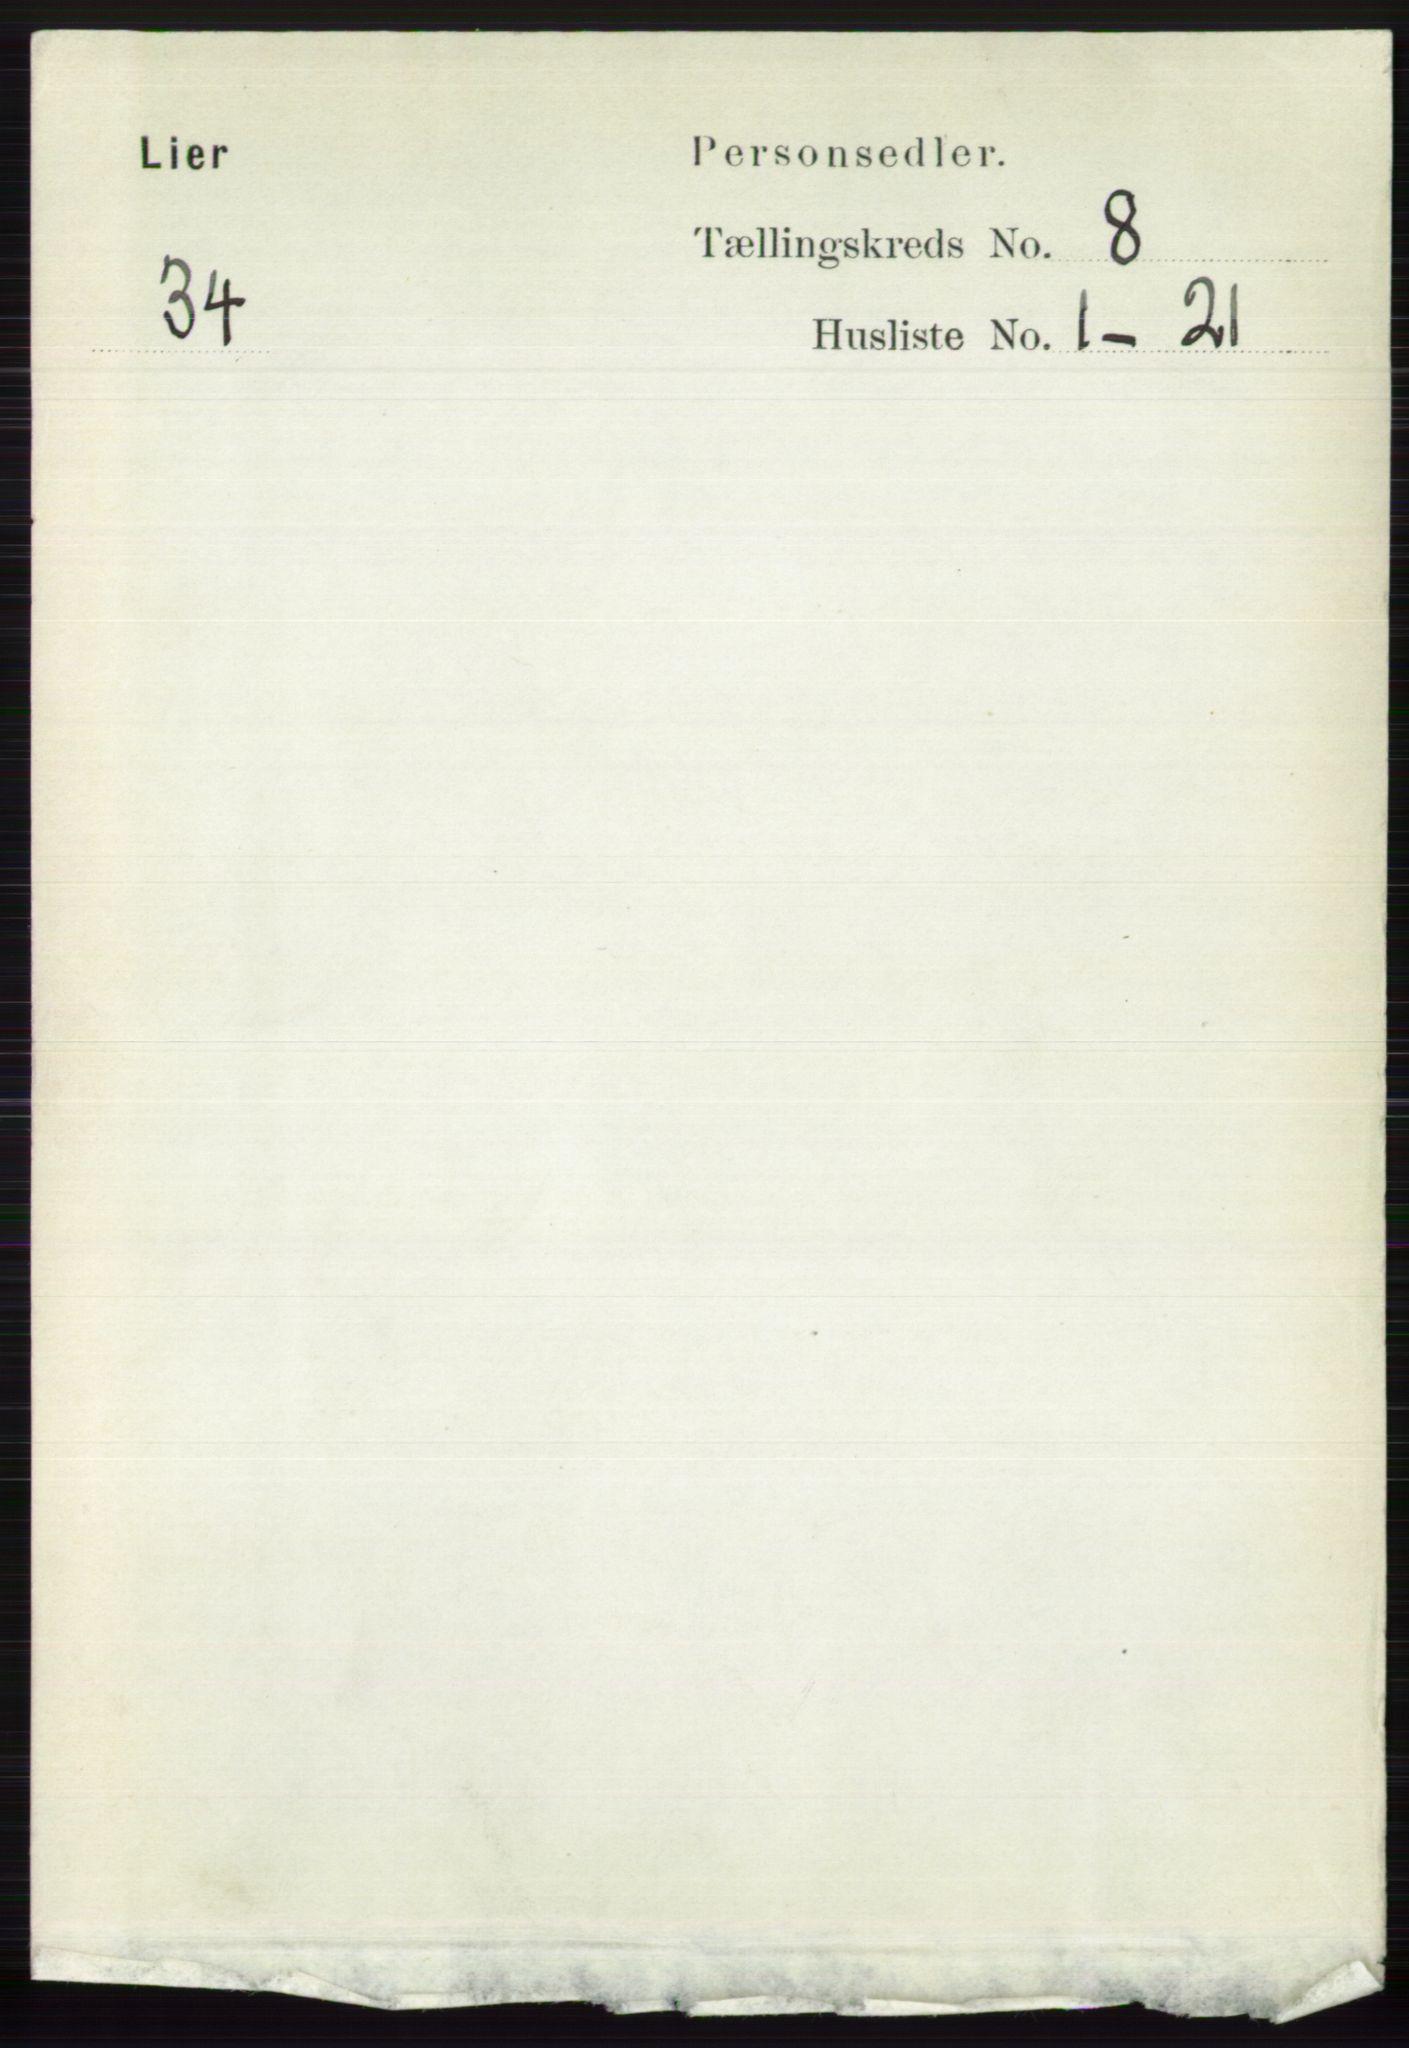 RA, Folketelling 1891 for 0626 Lier herred, 1891, s. 5060